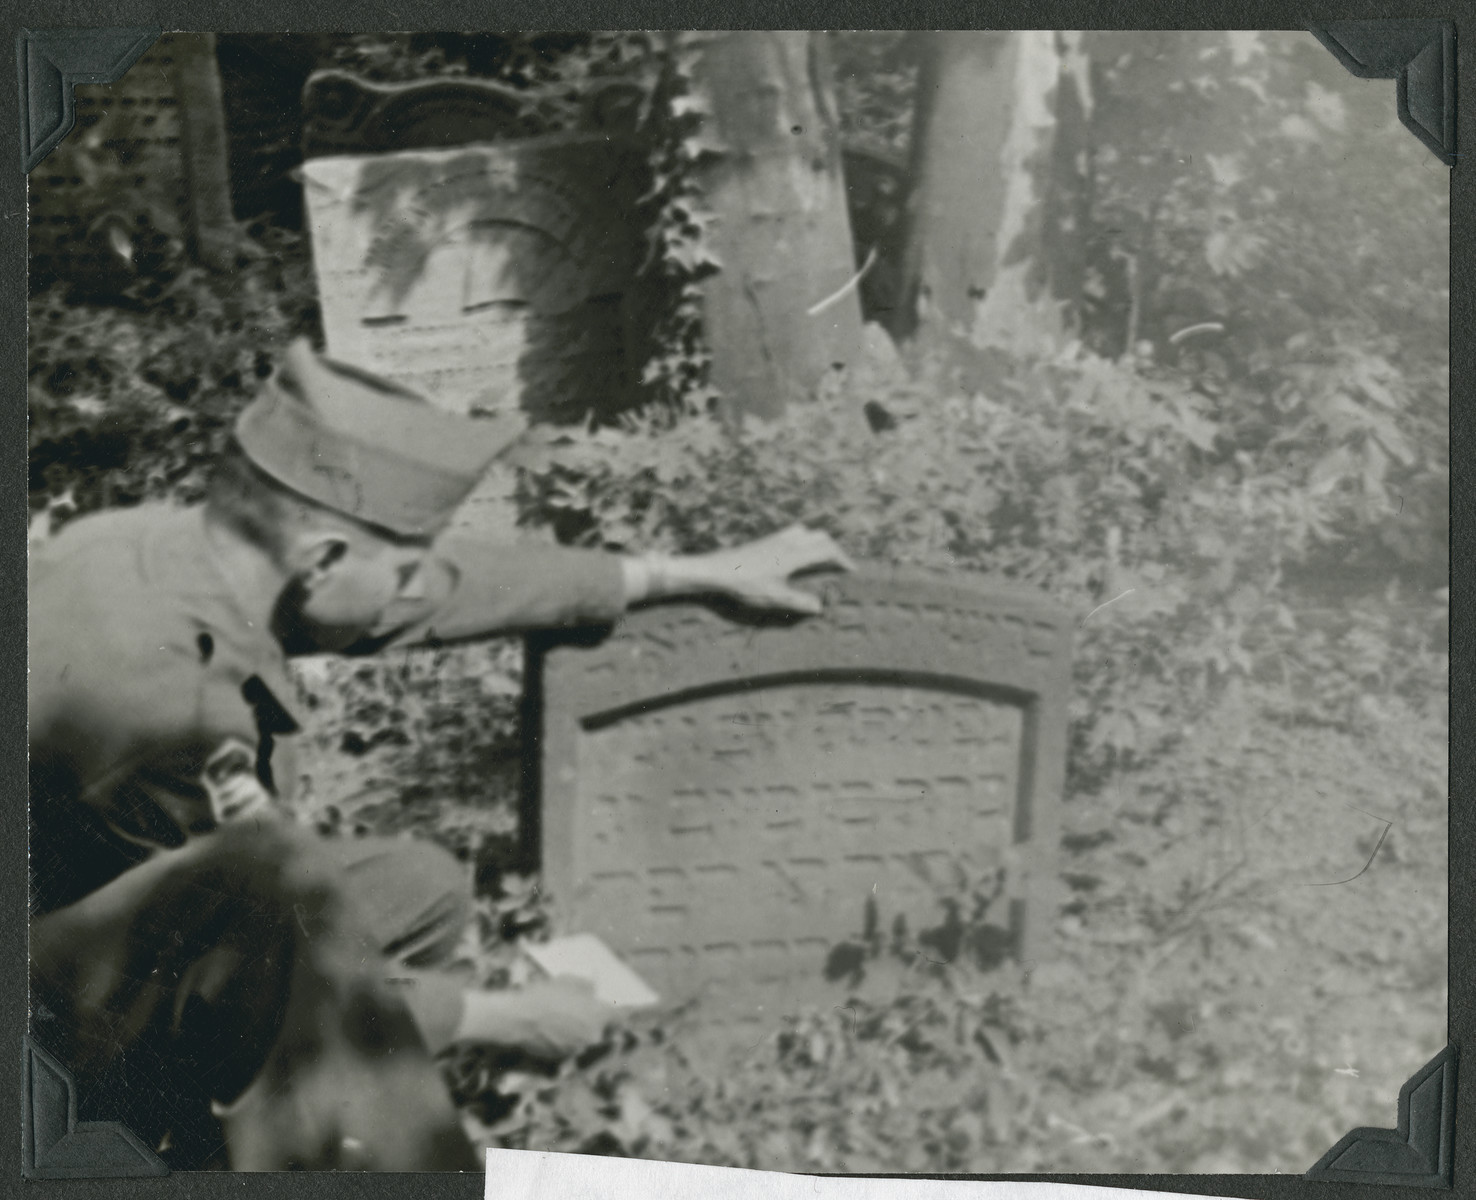 Eliezer Dembitz, a member of the Frankfurt Jewish GI Council, examines an old Jewish tombstone in Frankfurt.